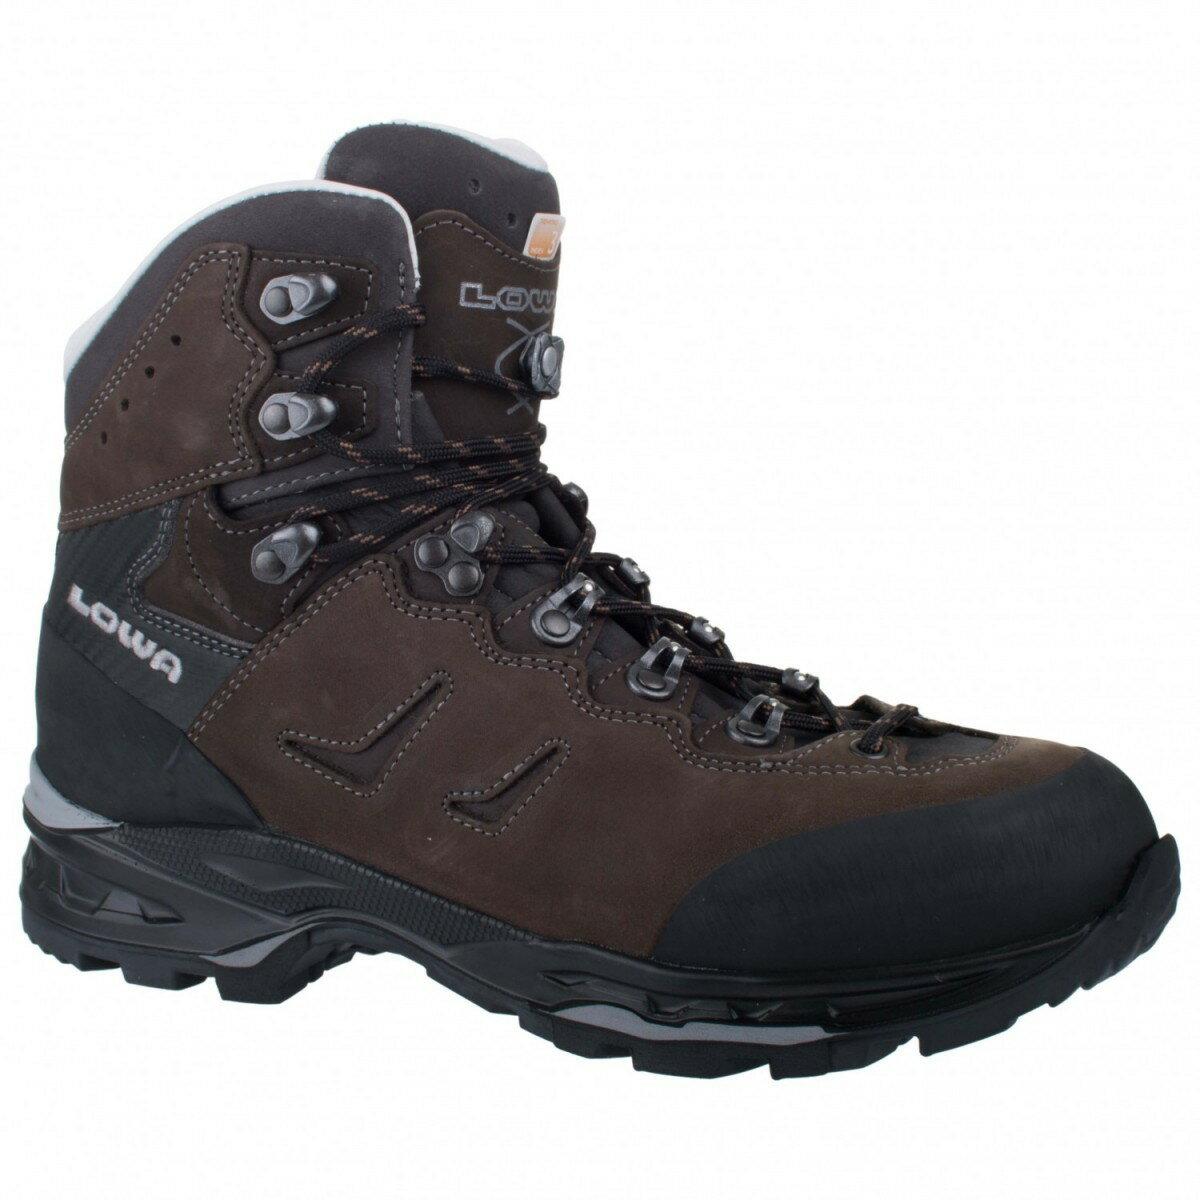 ローバー Camino LL(Darkgray / Black)★登山靴・靴・登山・アウトドアシューズ・山歩き★